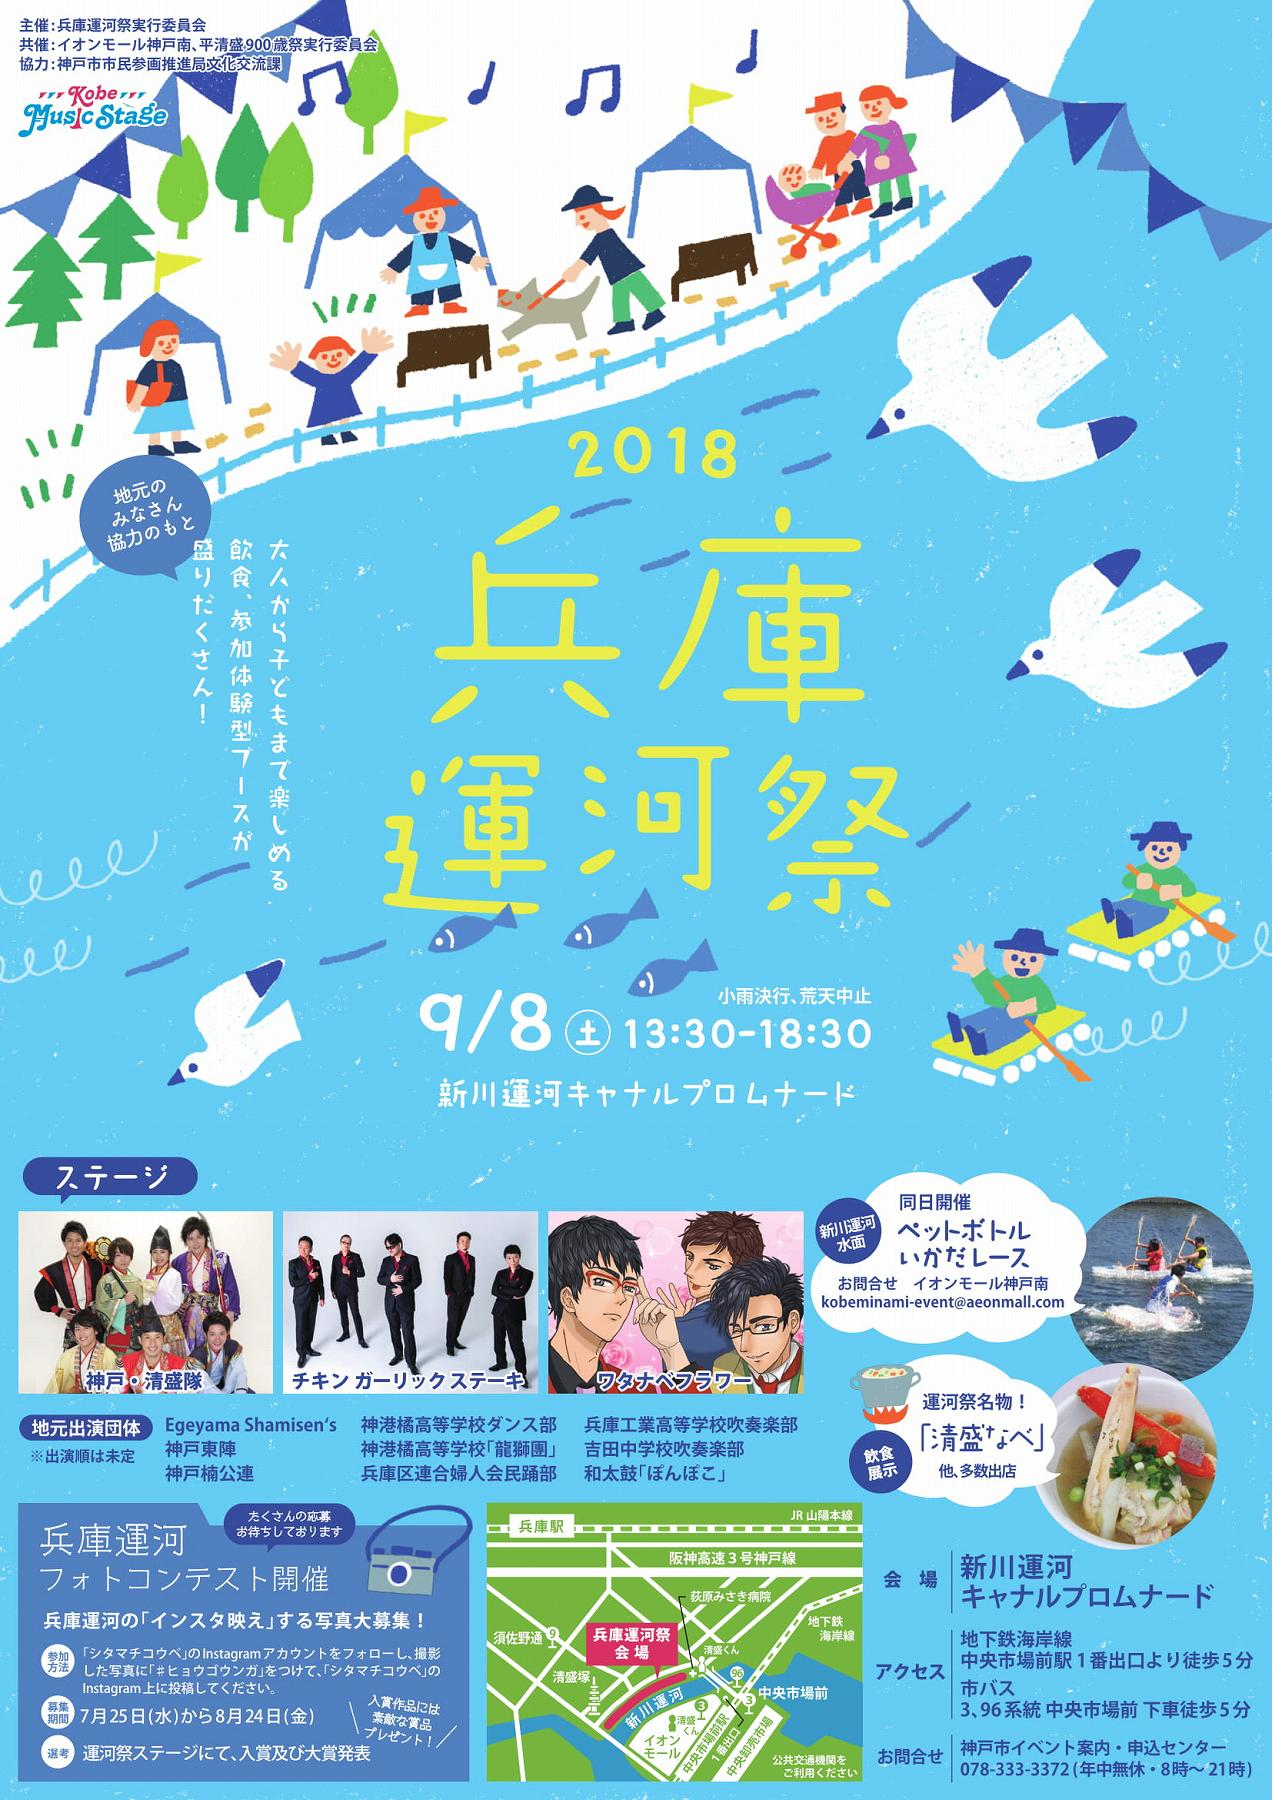 兵庫区の新川運河キャナルプロムナードで「兵庫運河祭」が9/8(土)に開催されるよ! #兵庫運河祭 #新川運河キャナルプロムナード #清盛なべ #神戸・清盛隊 #ワタナベフラワー #チキンガーリックステーキ